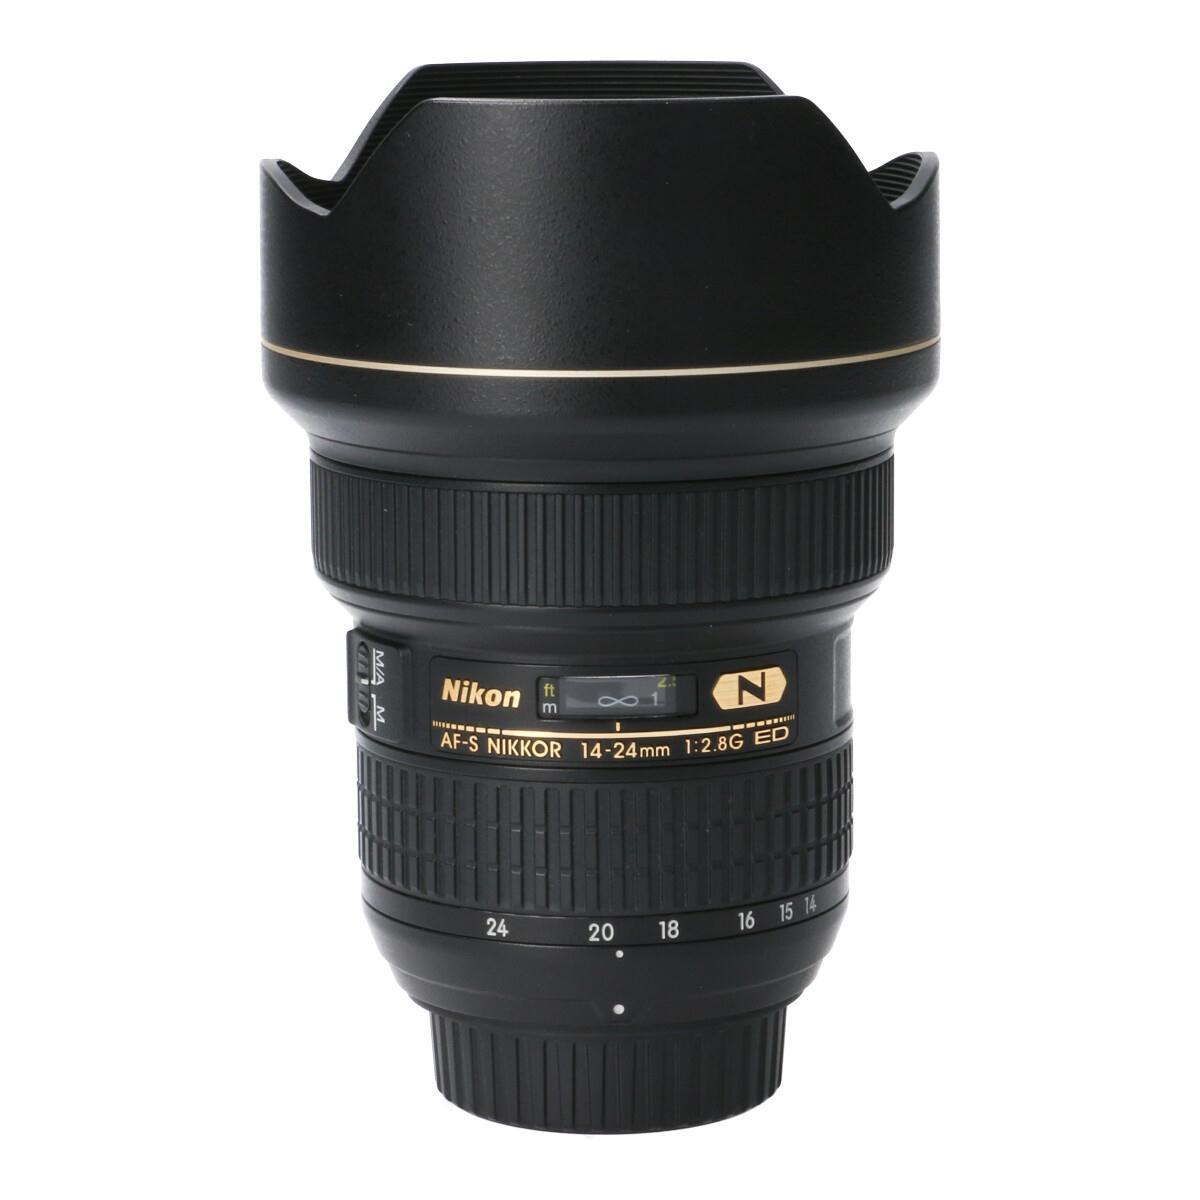 NIKON AF-S14-24mm F2.8G ED【中古】